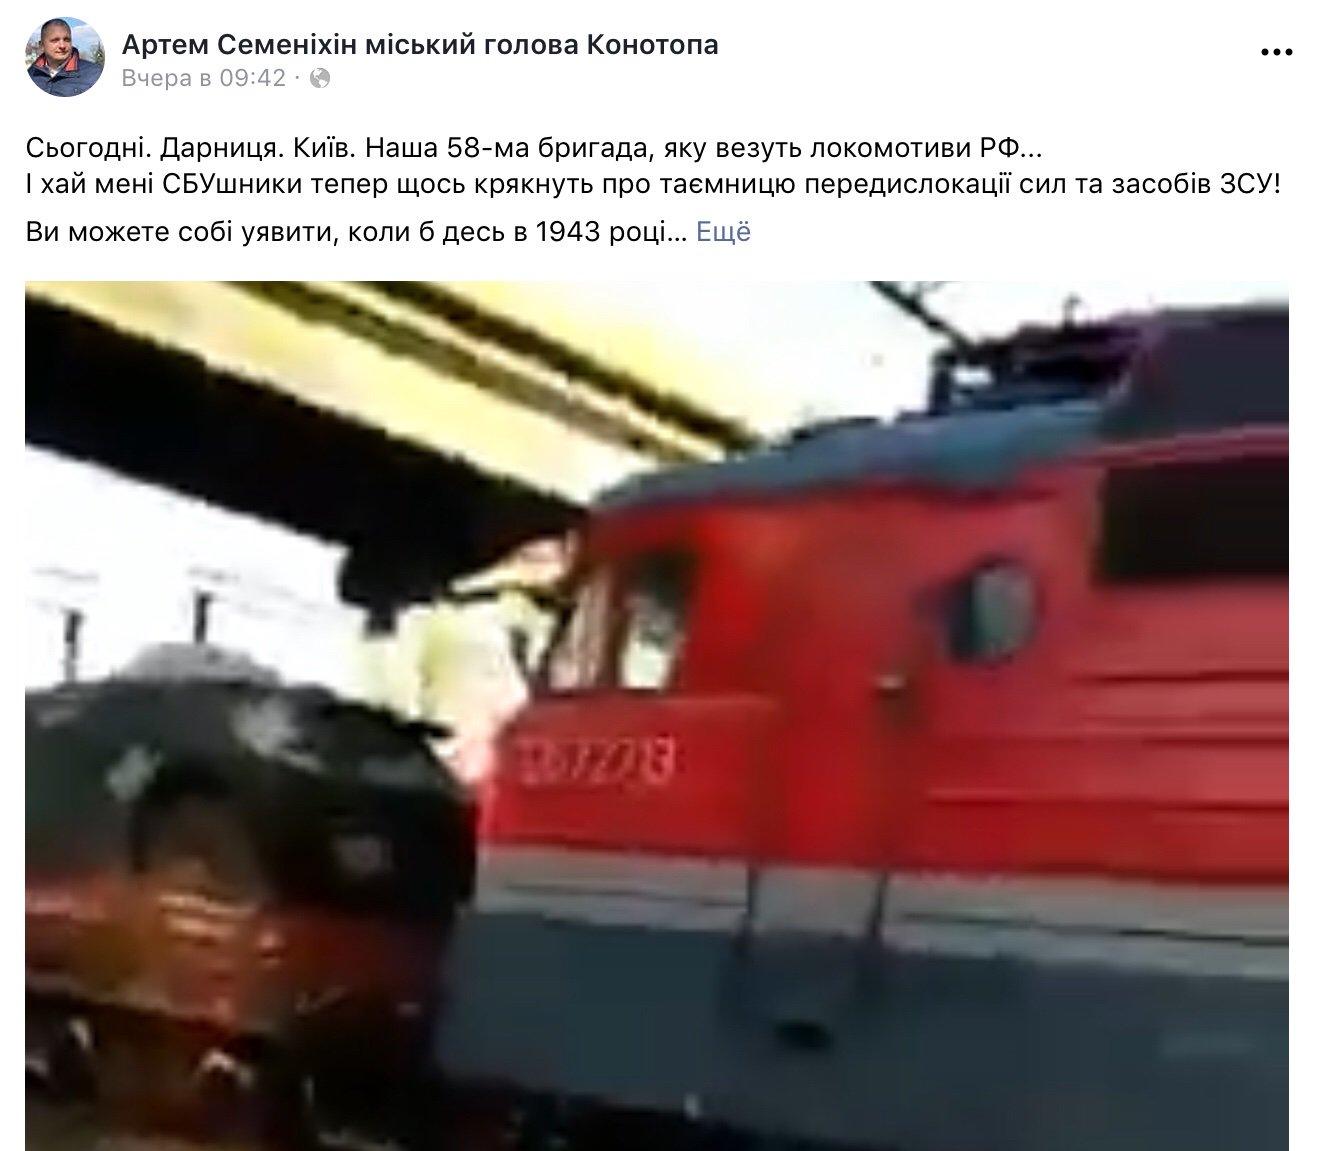 Локомотивы с маркировкой РЖД на службе ВСУ